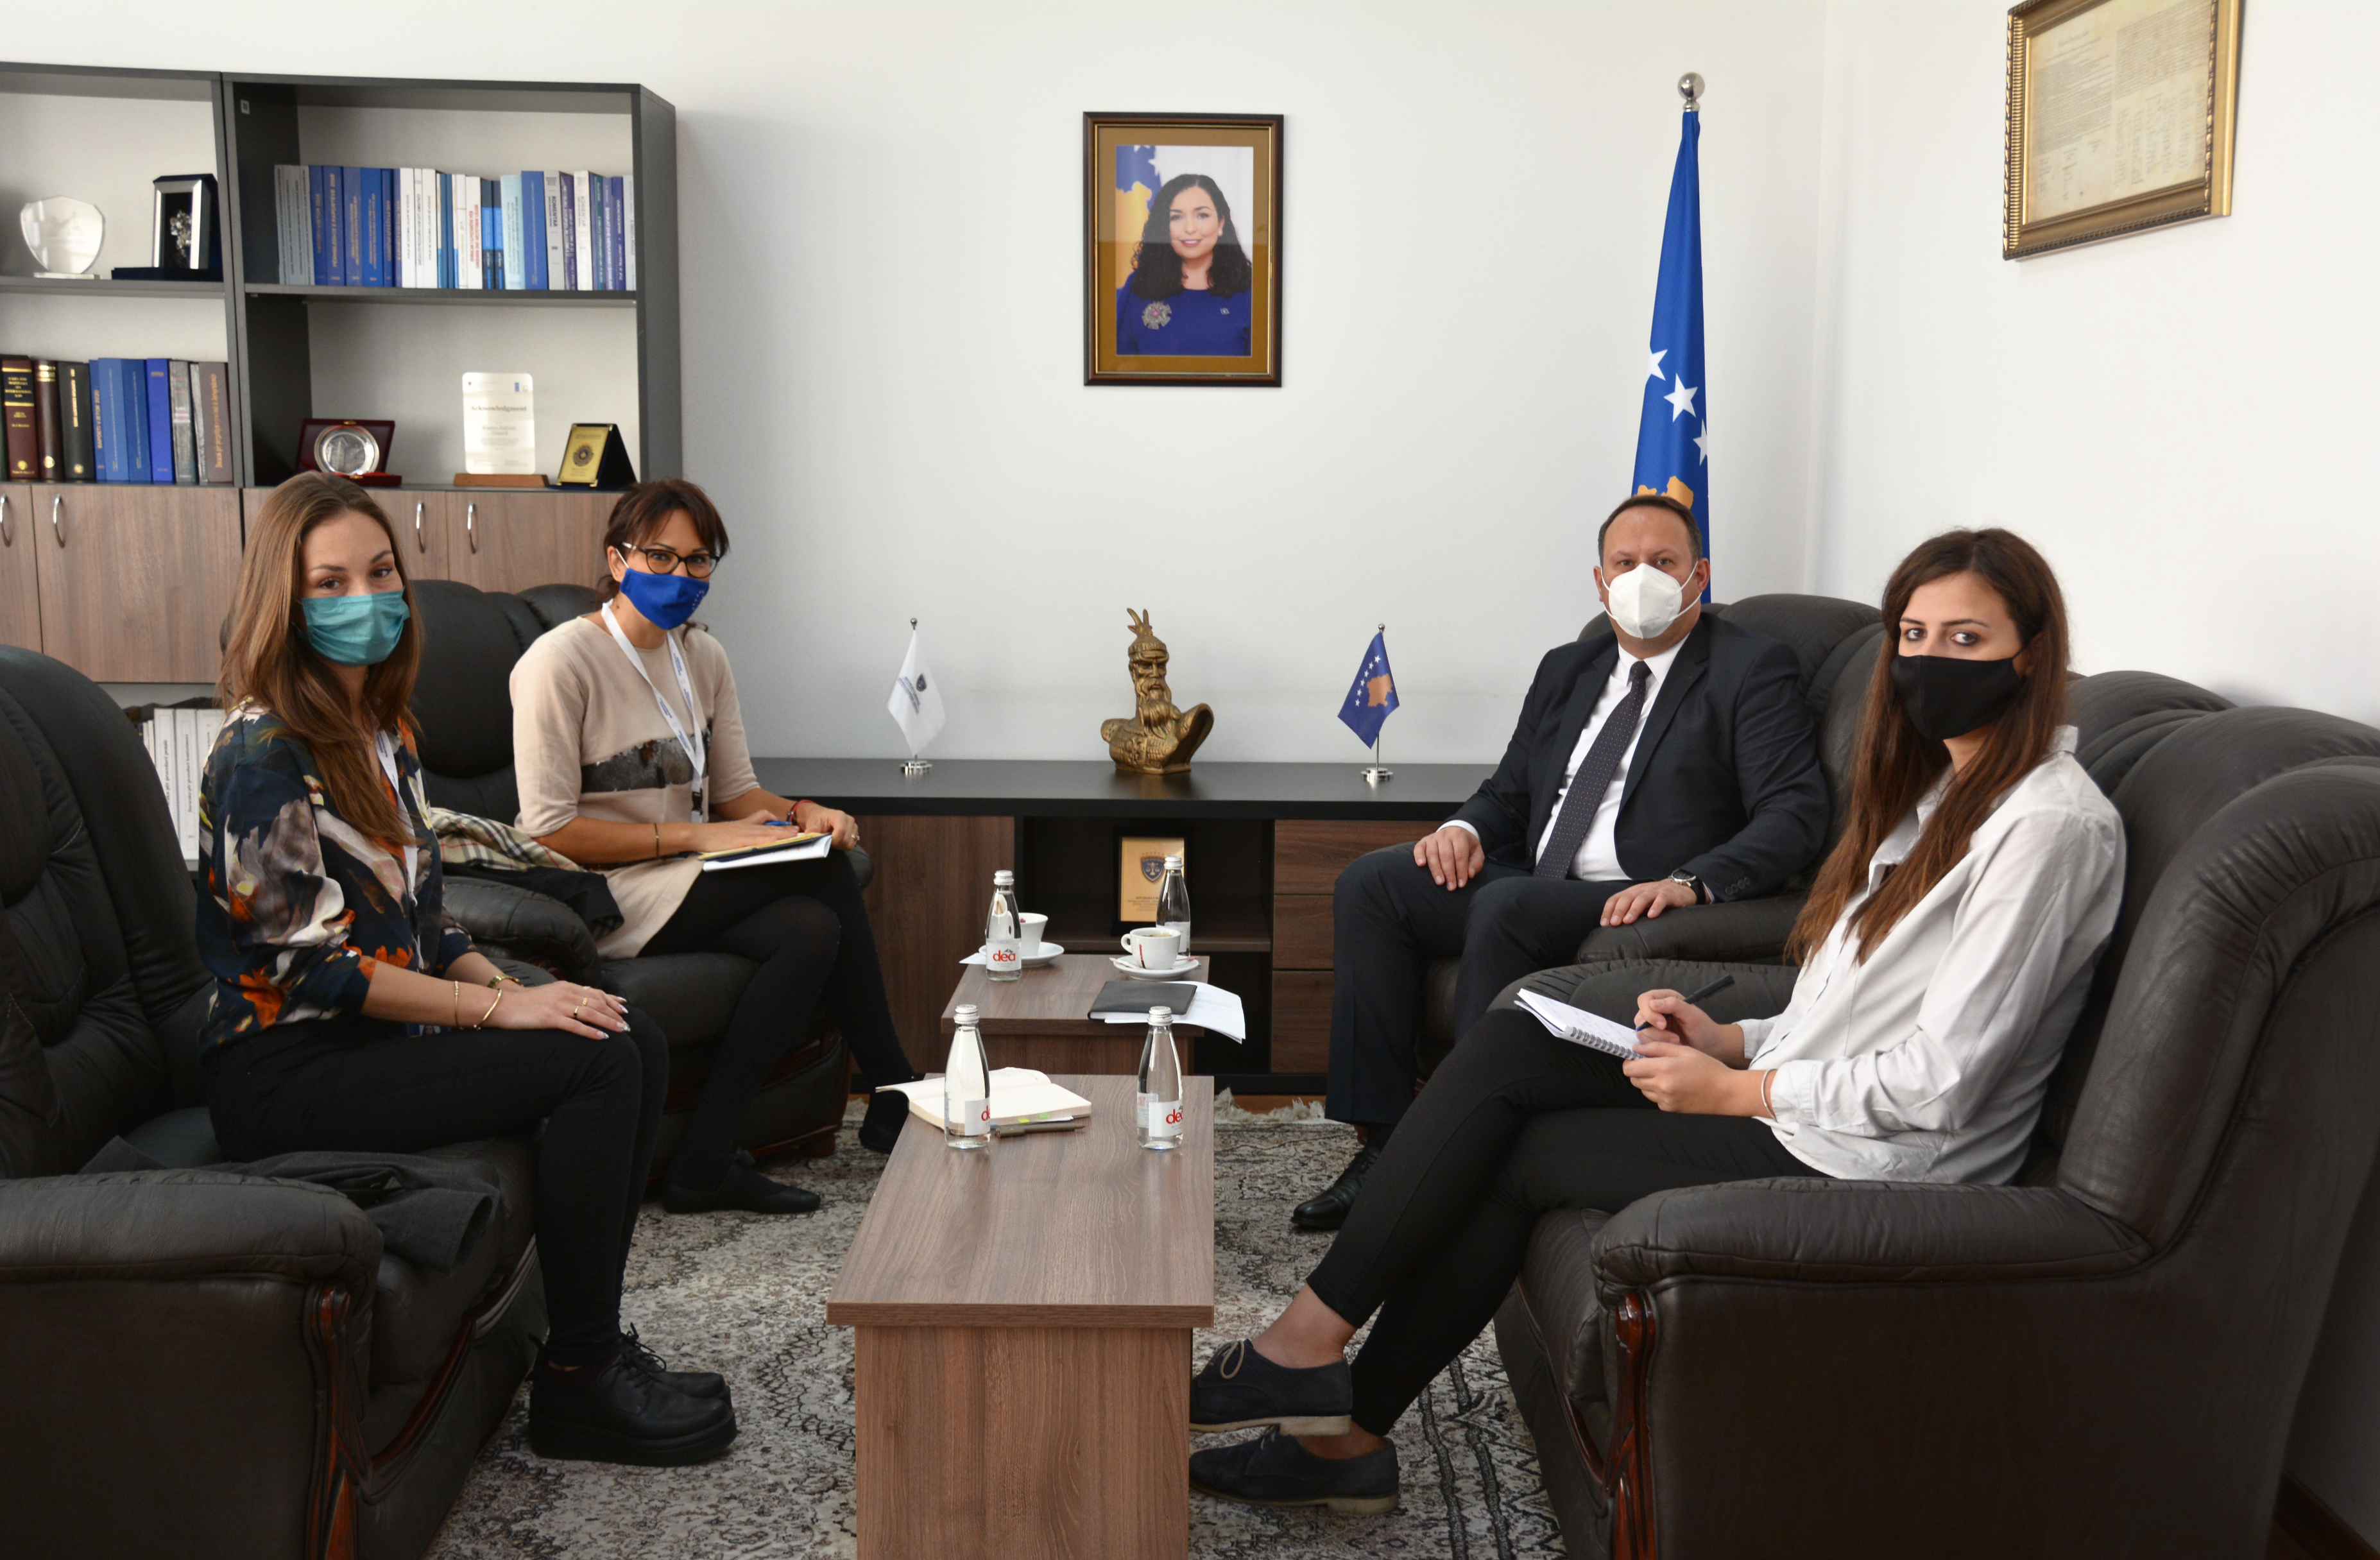 Predsedavajući Zogaj dočekao na sastanku predstavnika Misije posmatrača EU-a za lokalne izbore na Kosovu za 2021.